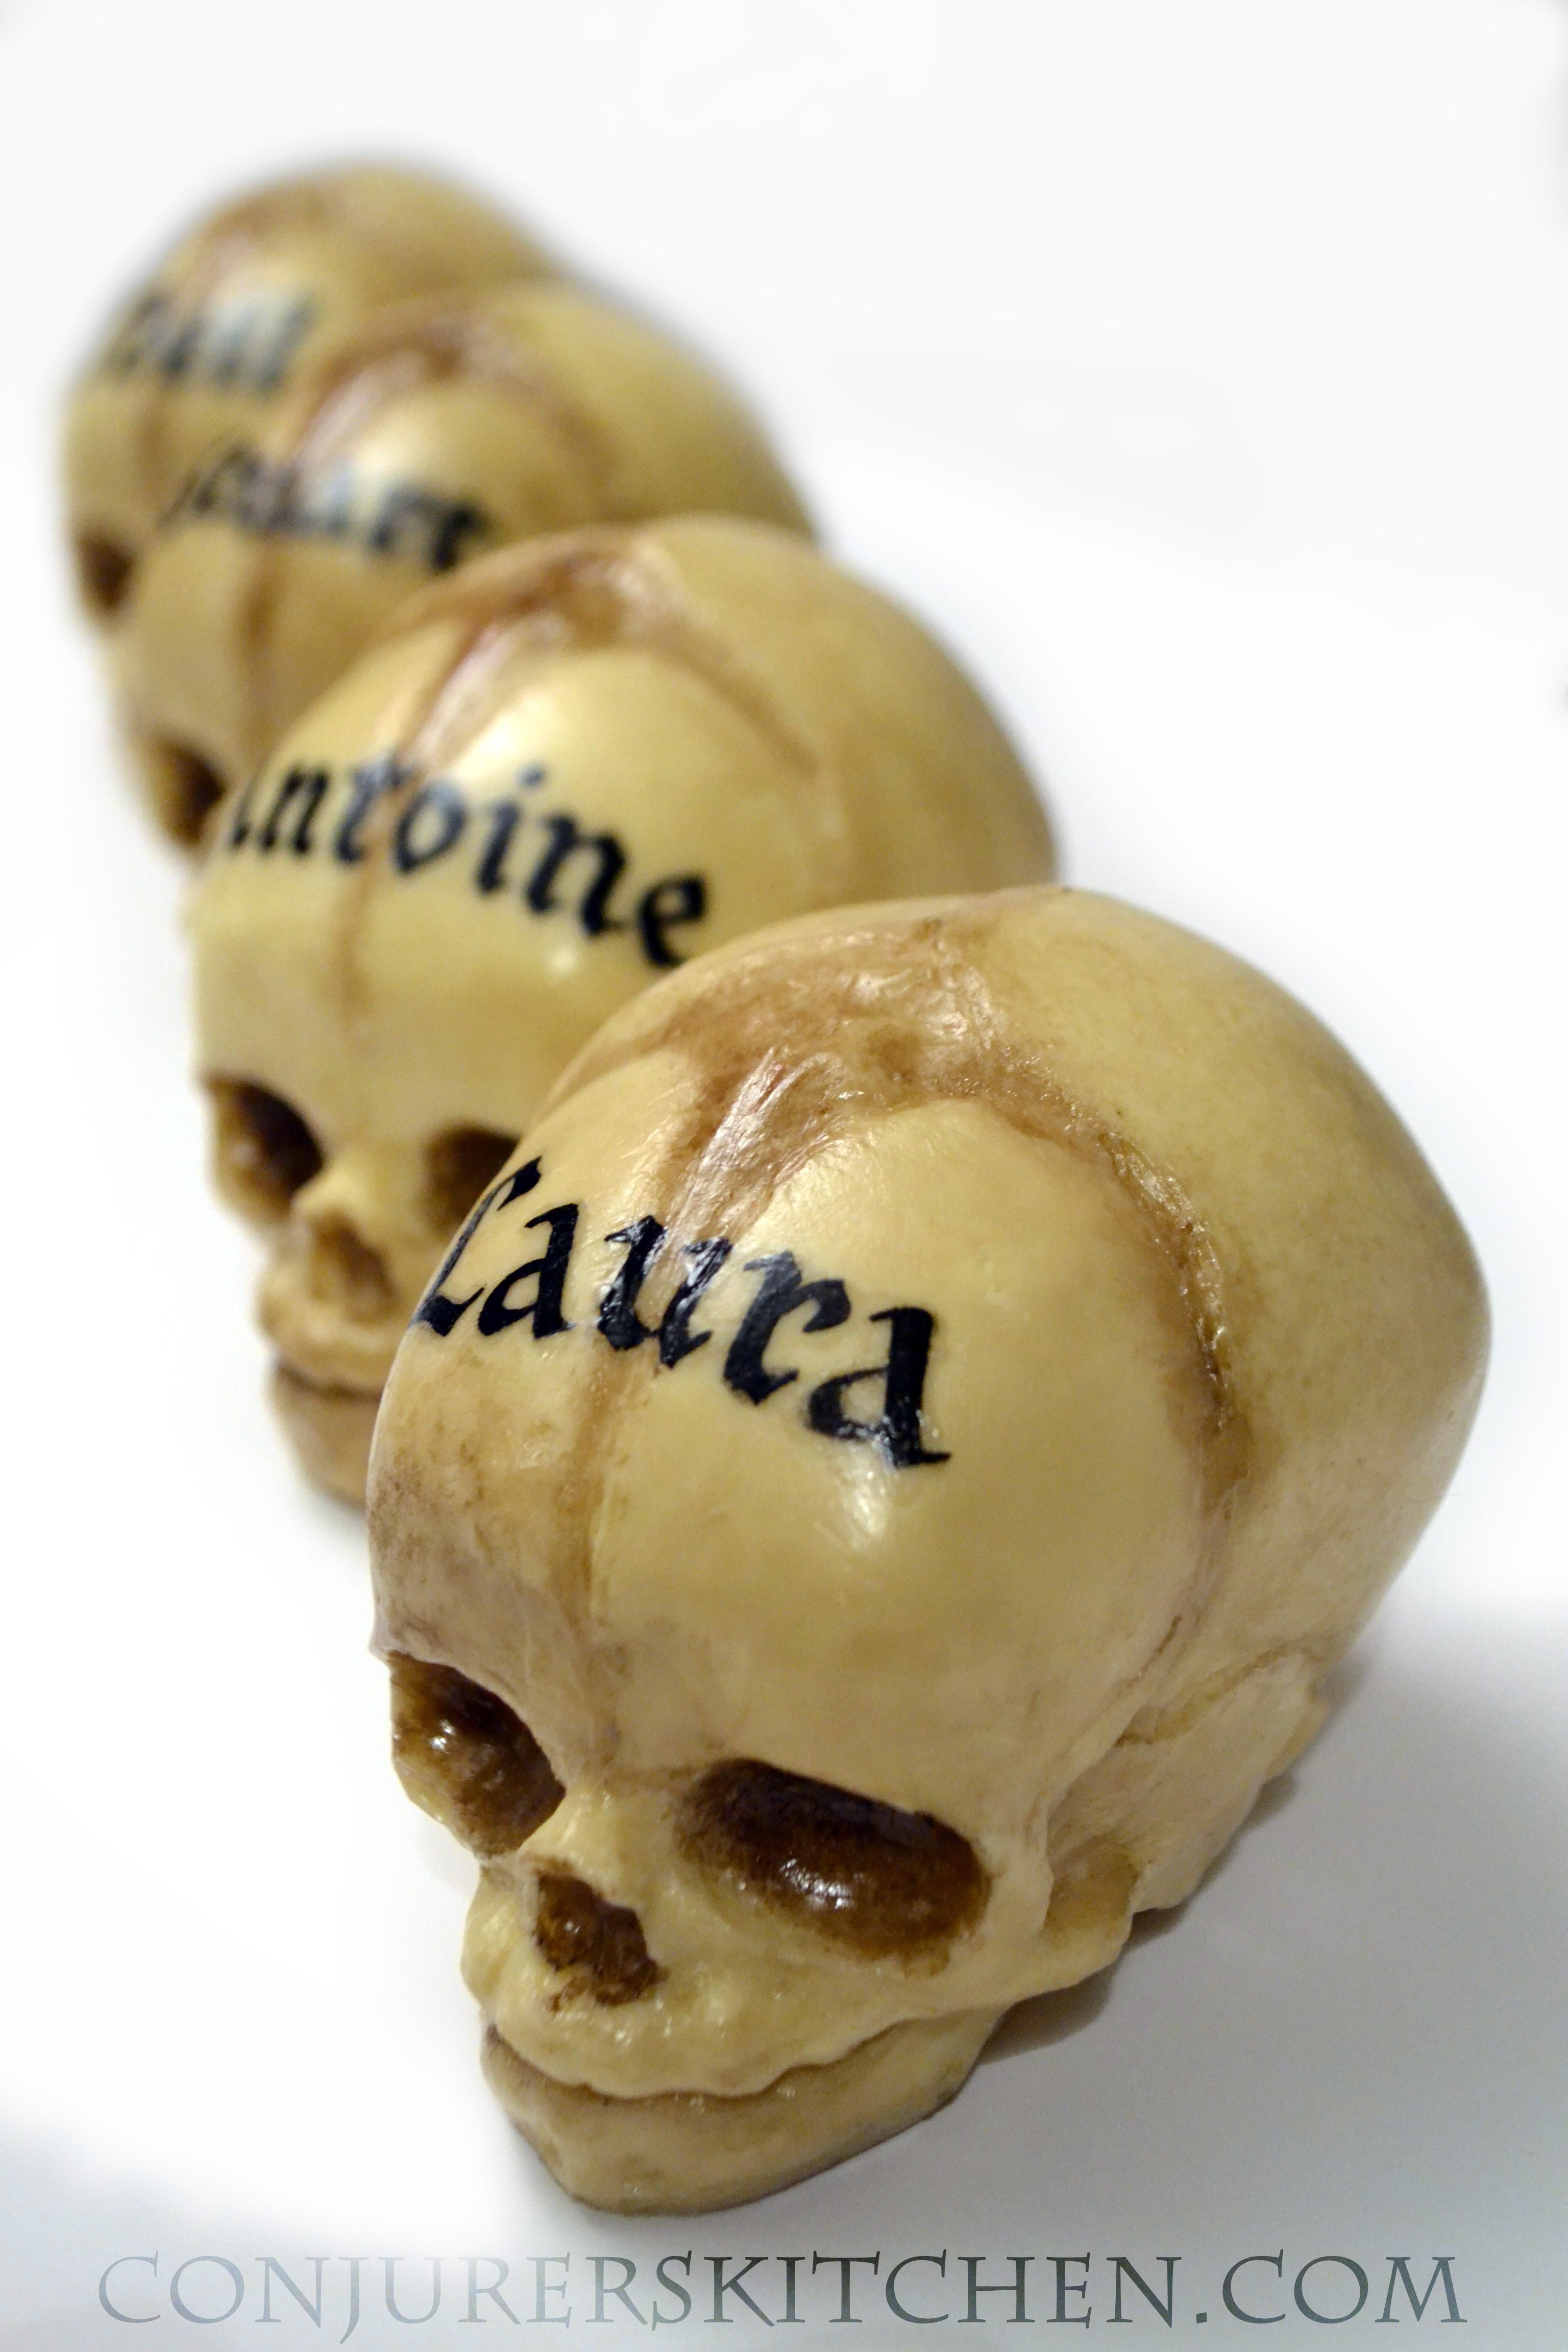 Custom Chocolate Fetal Skulls